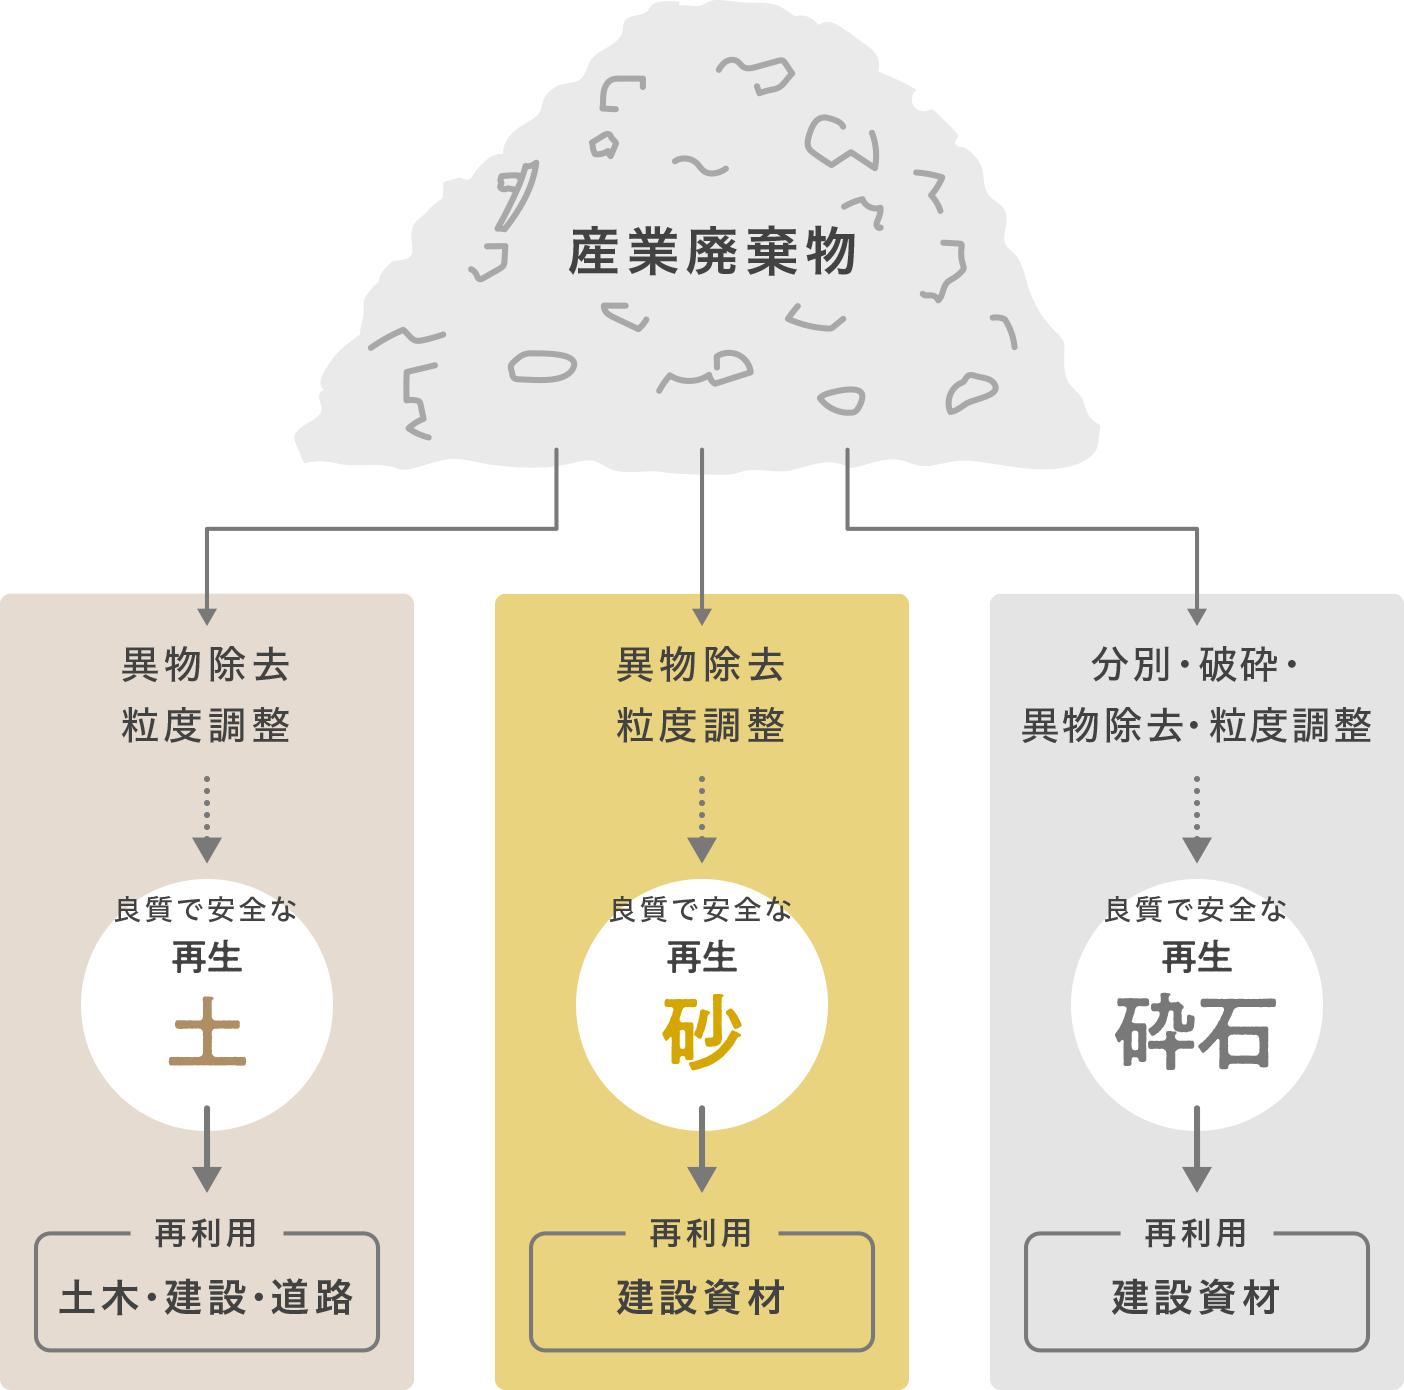 リサイクルの図